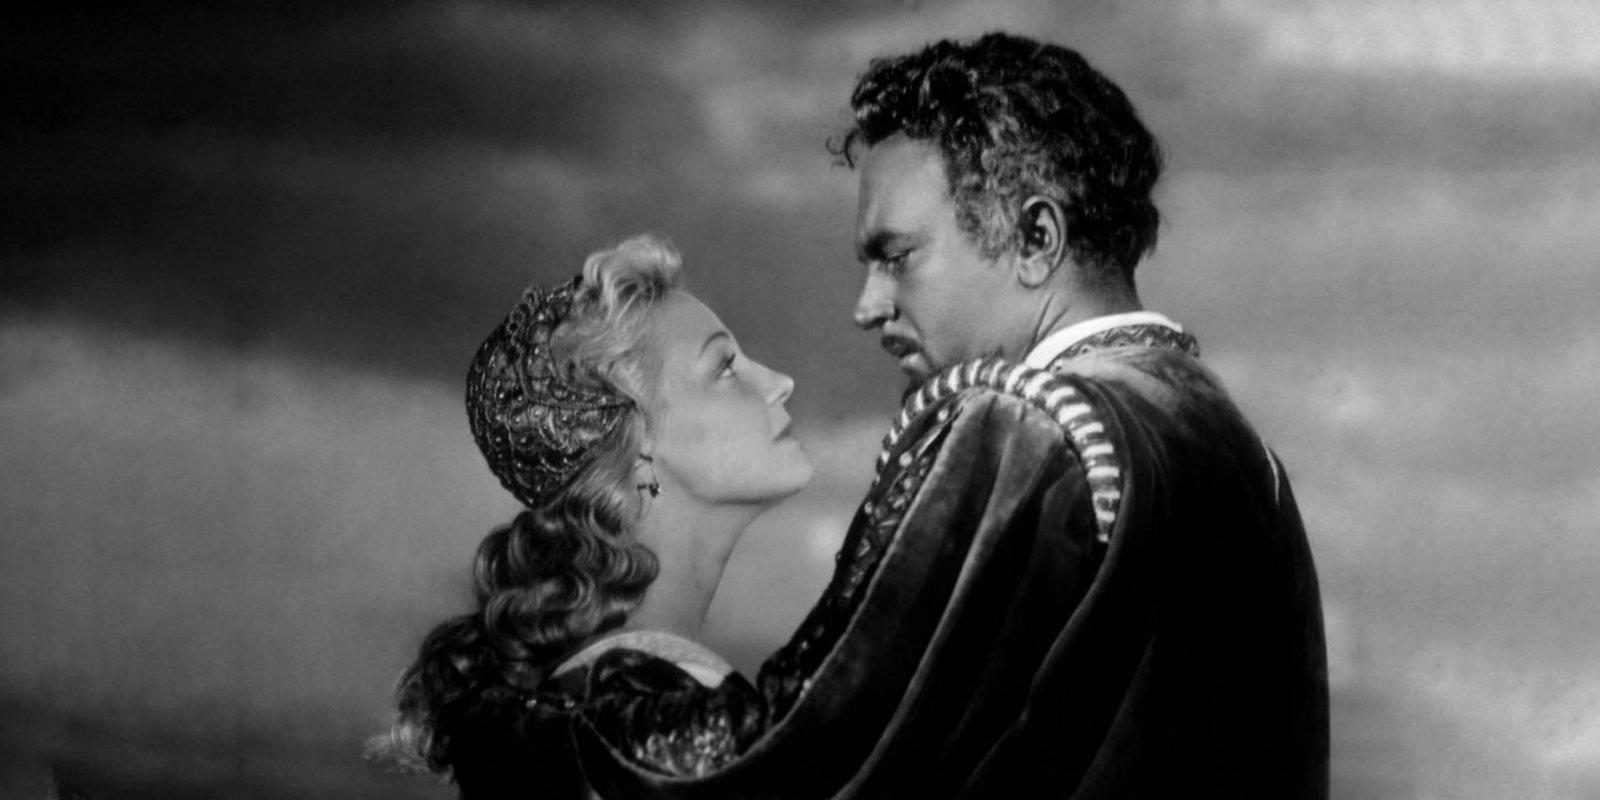 Кадр из фильма «Отелло». Режиссер С. Юткевич. 1955 год